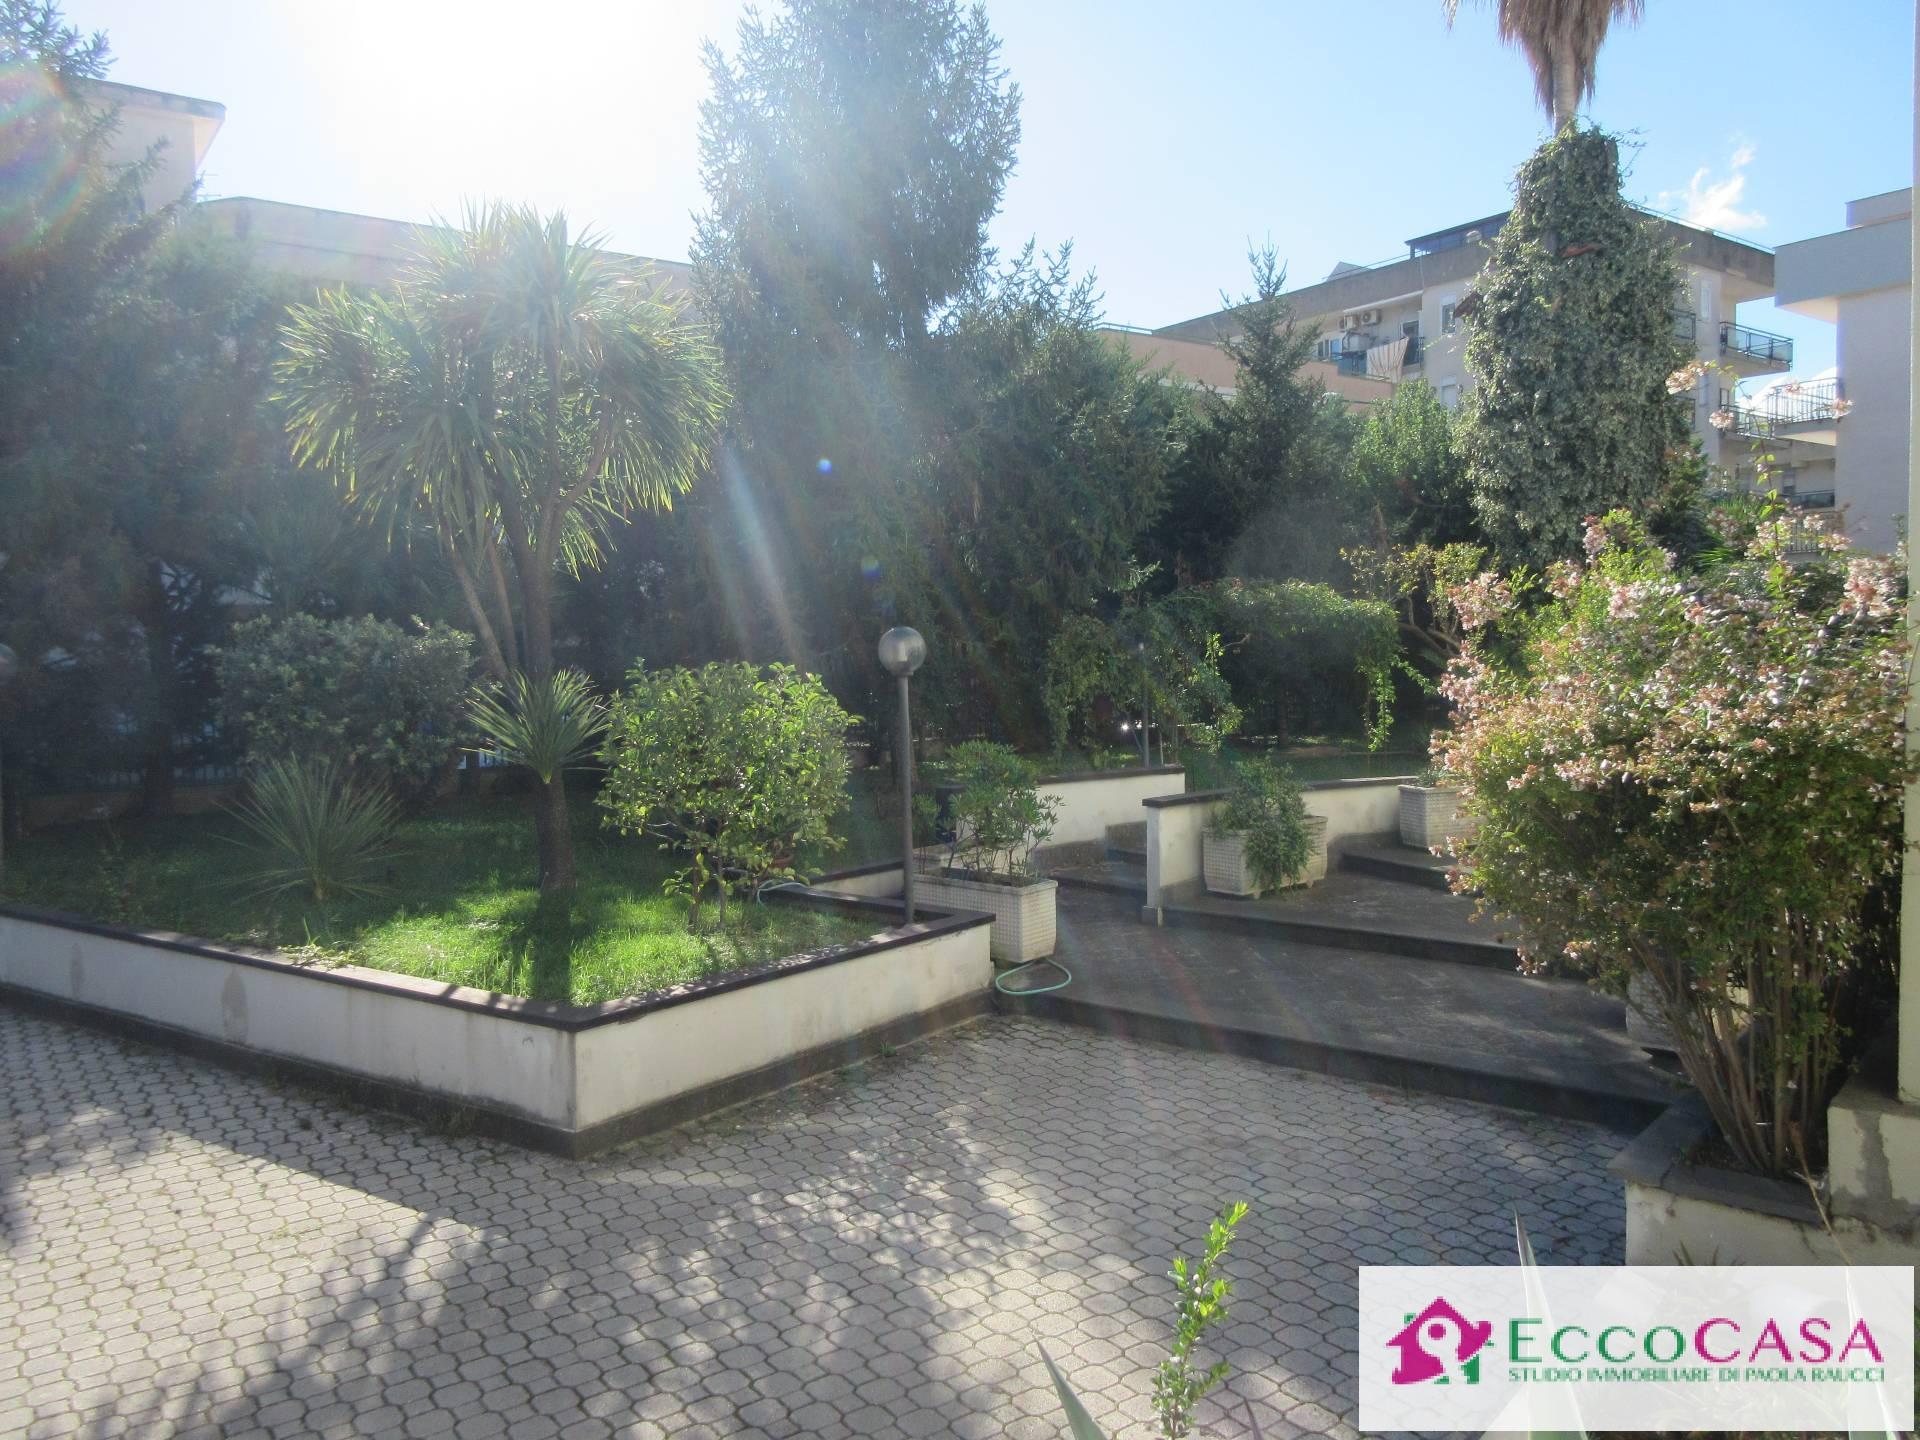 Villa in affitto a Maddaloni, 20 locali, Trattative riservate | CambioCasa.it